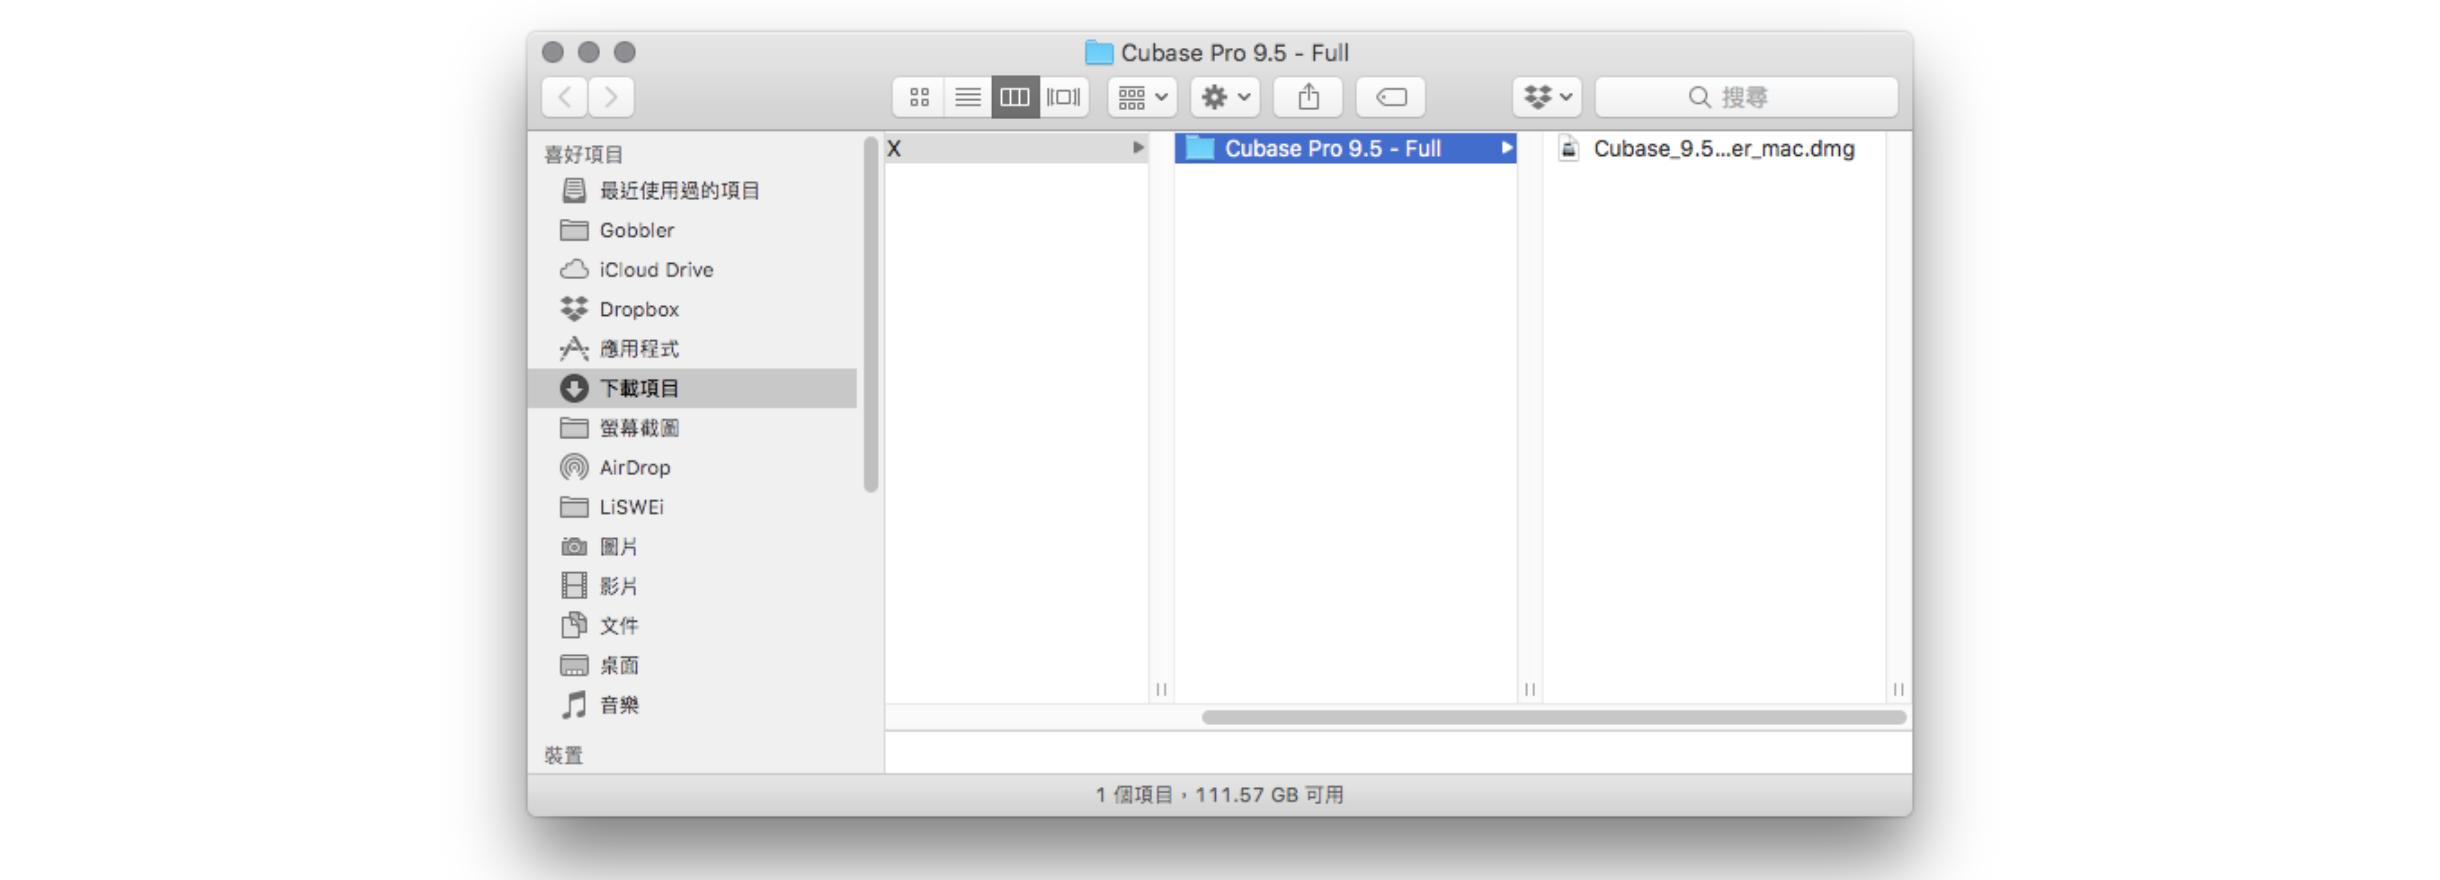 完成下載之後,你才真正要開始安裝 Cubase (9.5 下載時的檔案大小高達 12Gb)